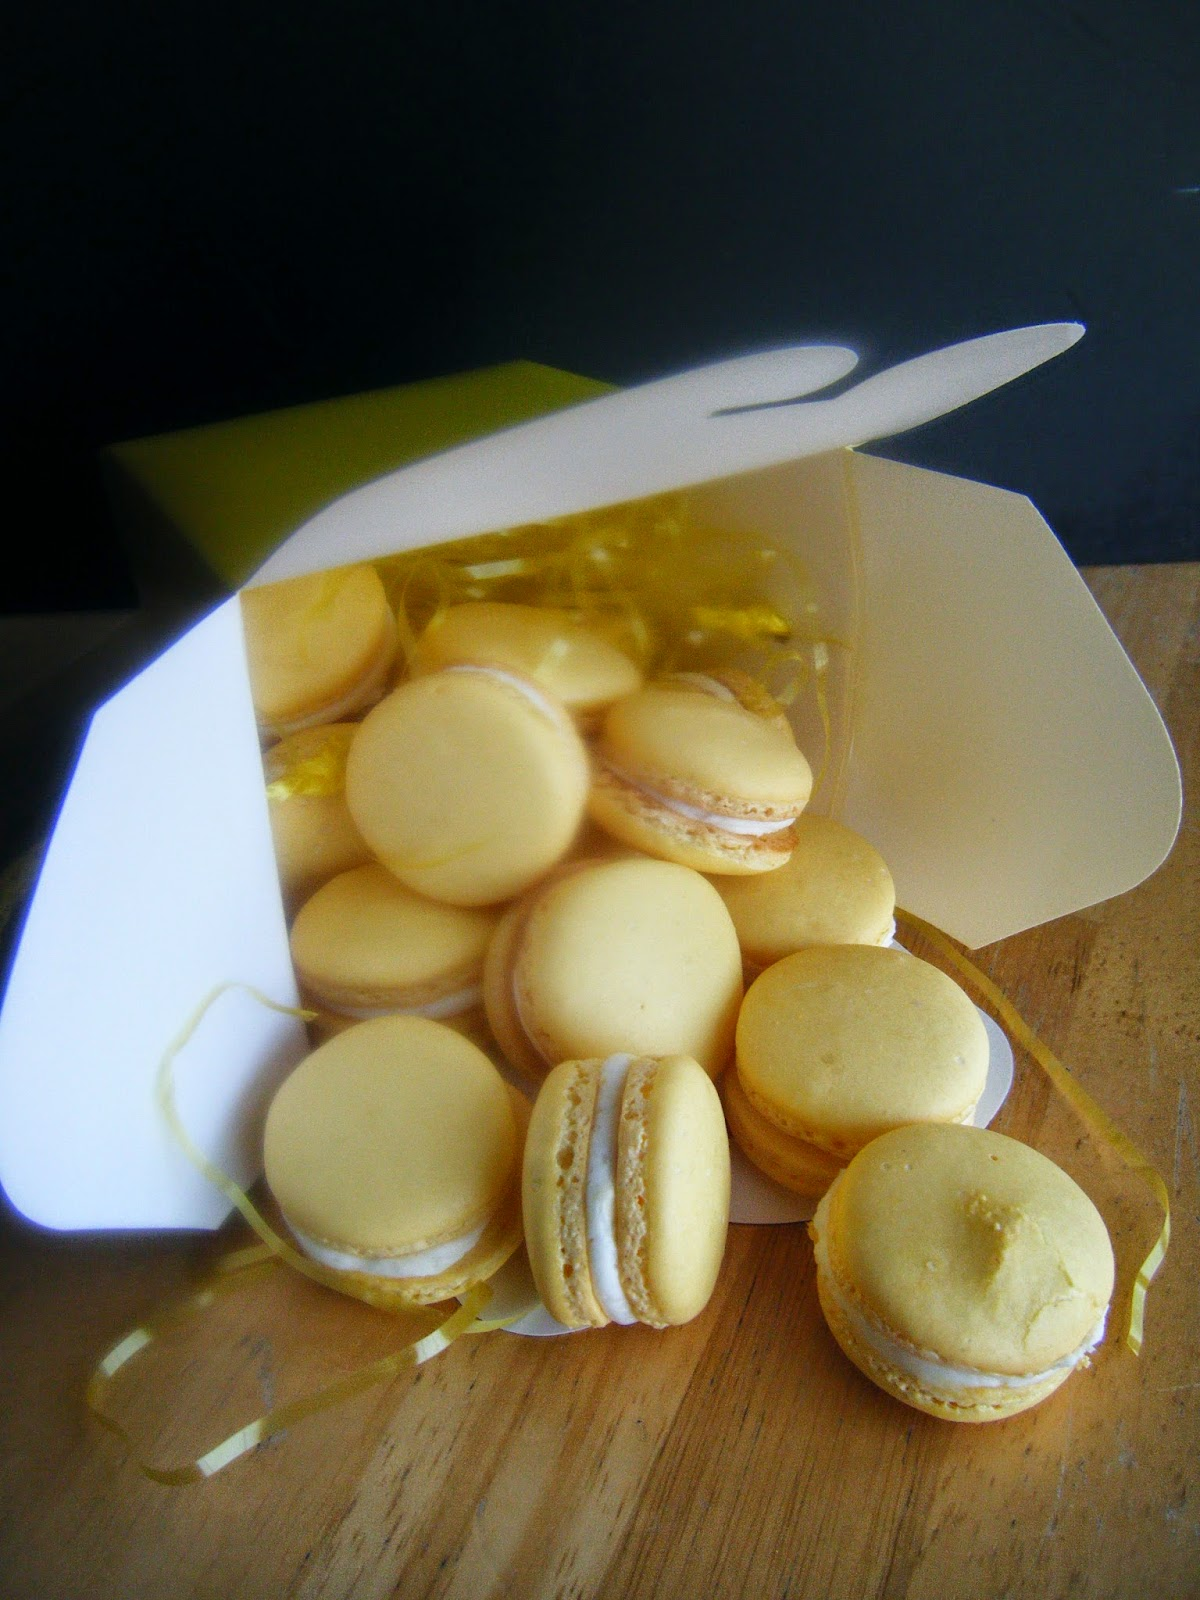 lemon macarons filled with lemon buttercream and lemon curd